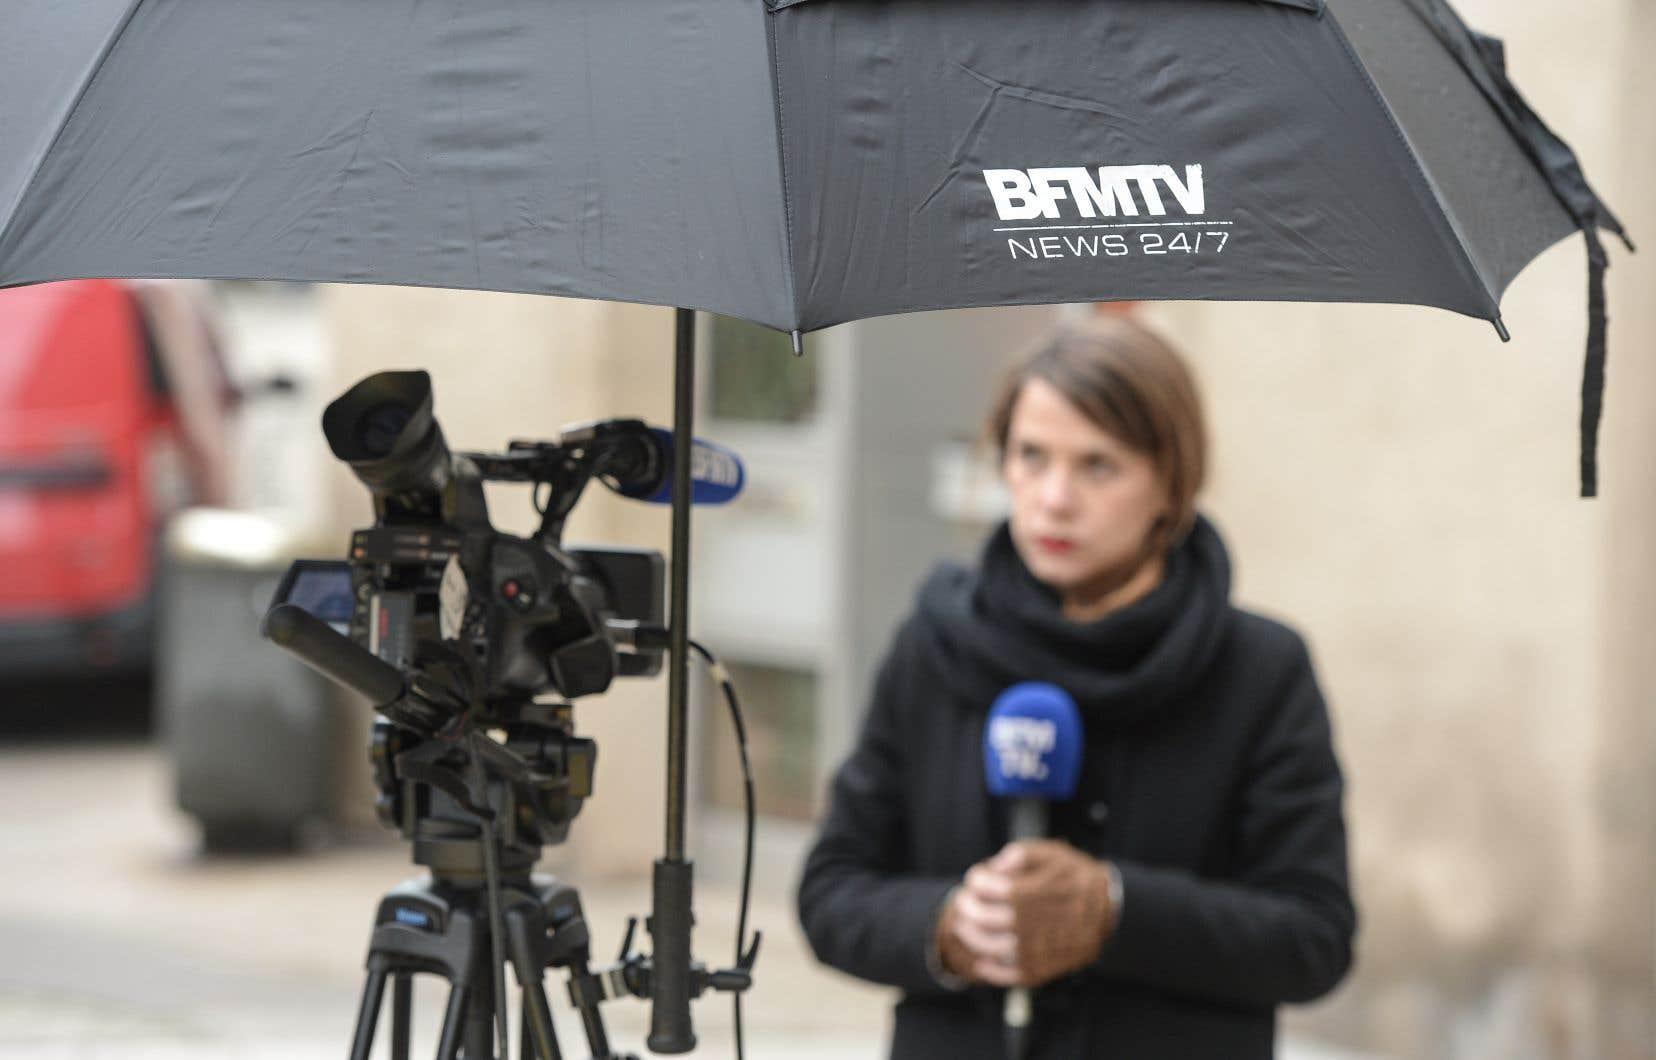 Samedi, une équipe de journalistes de la chaîne et leurs gardes du corps ont essuyé des coups lors d'une manifestation de gilets jaunes à Rouen.